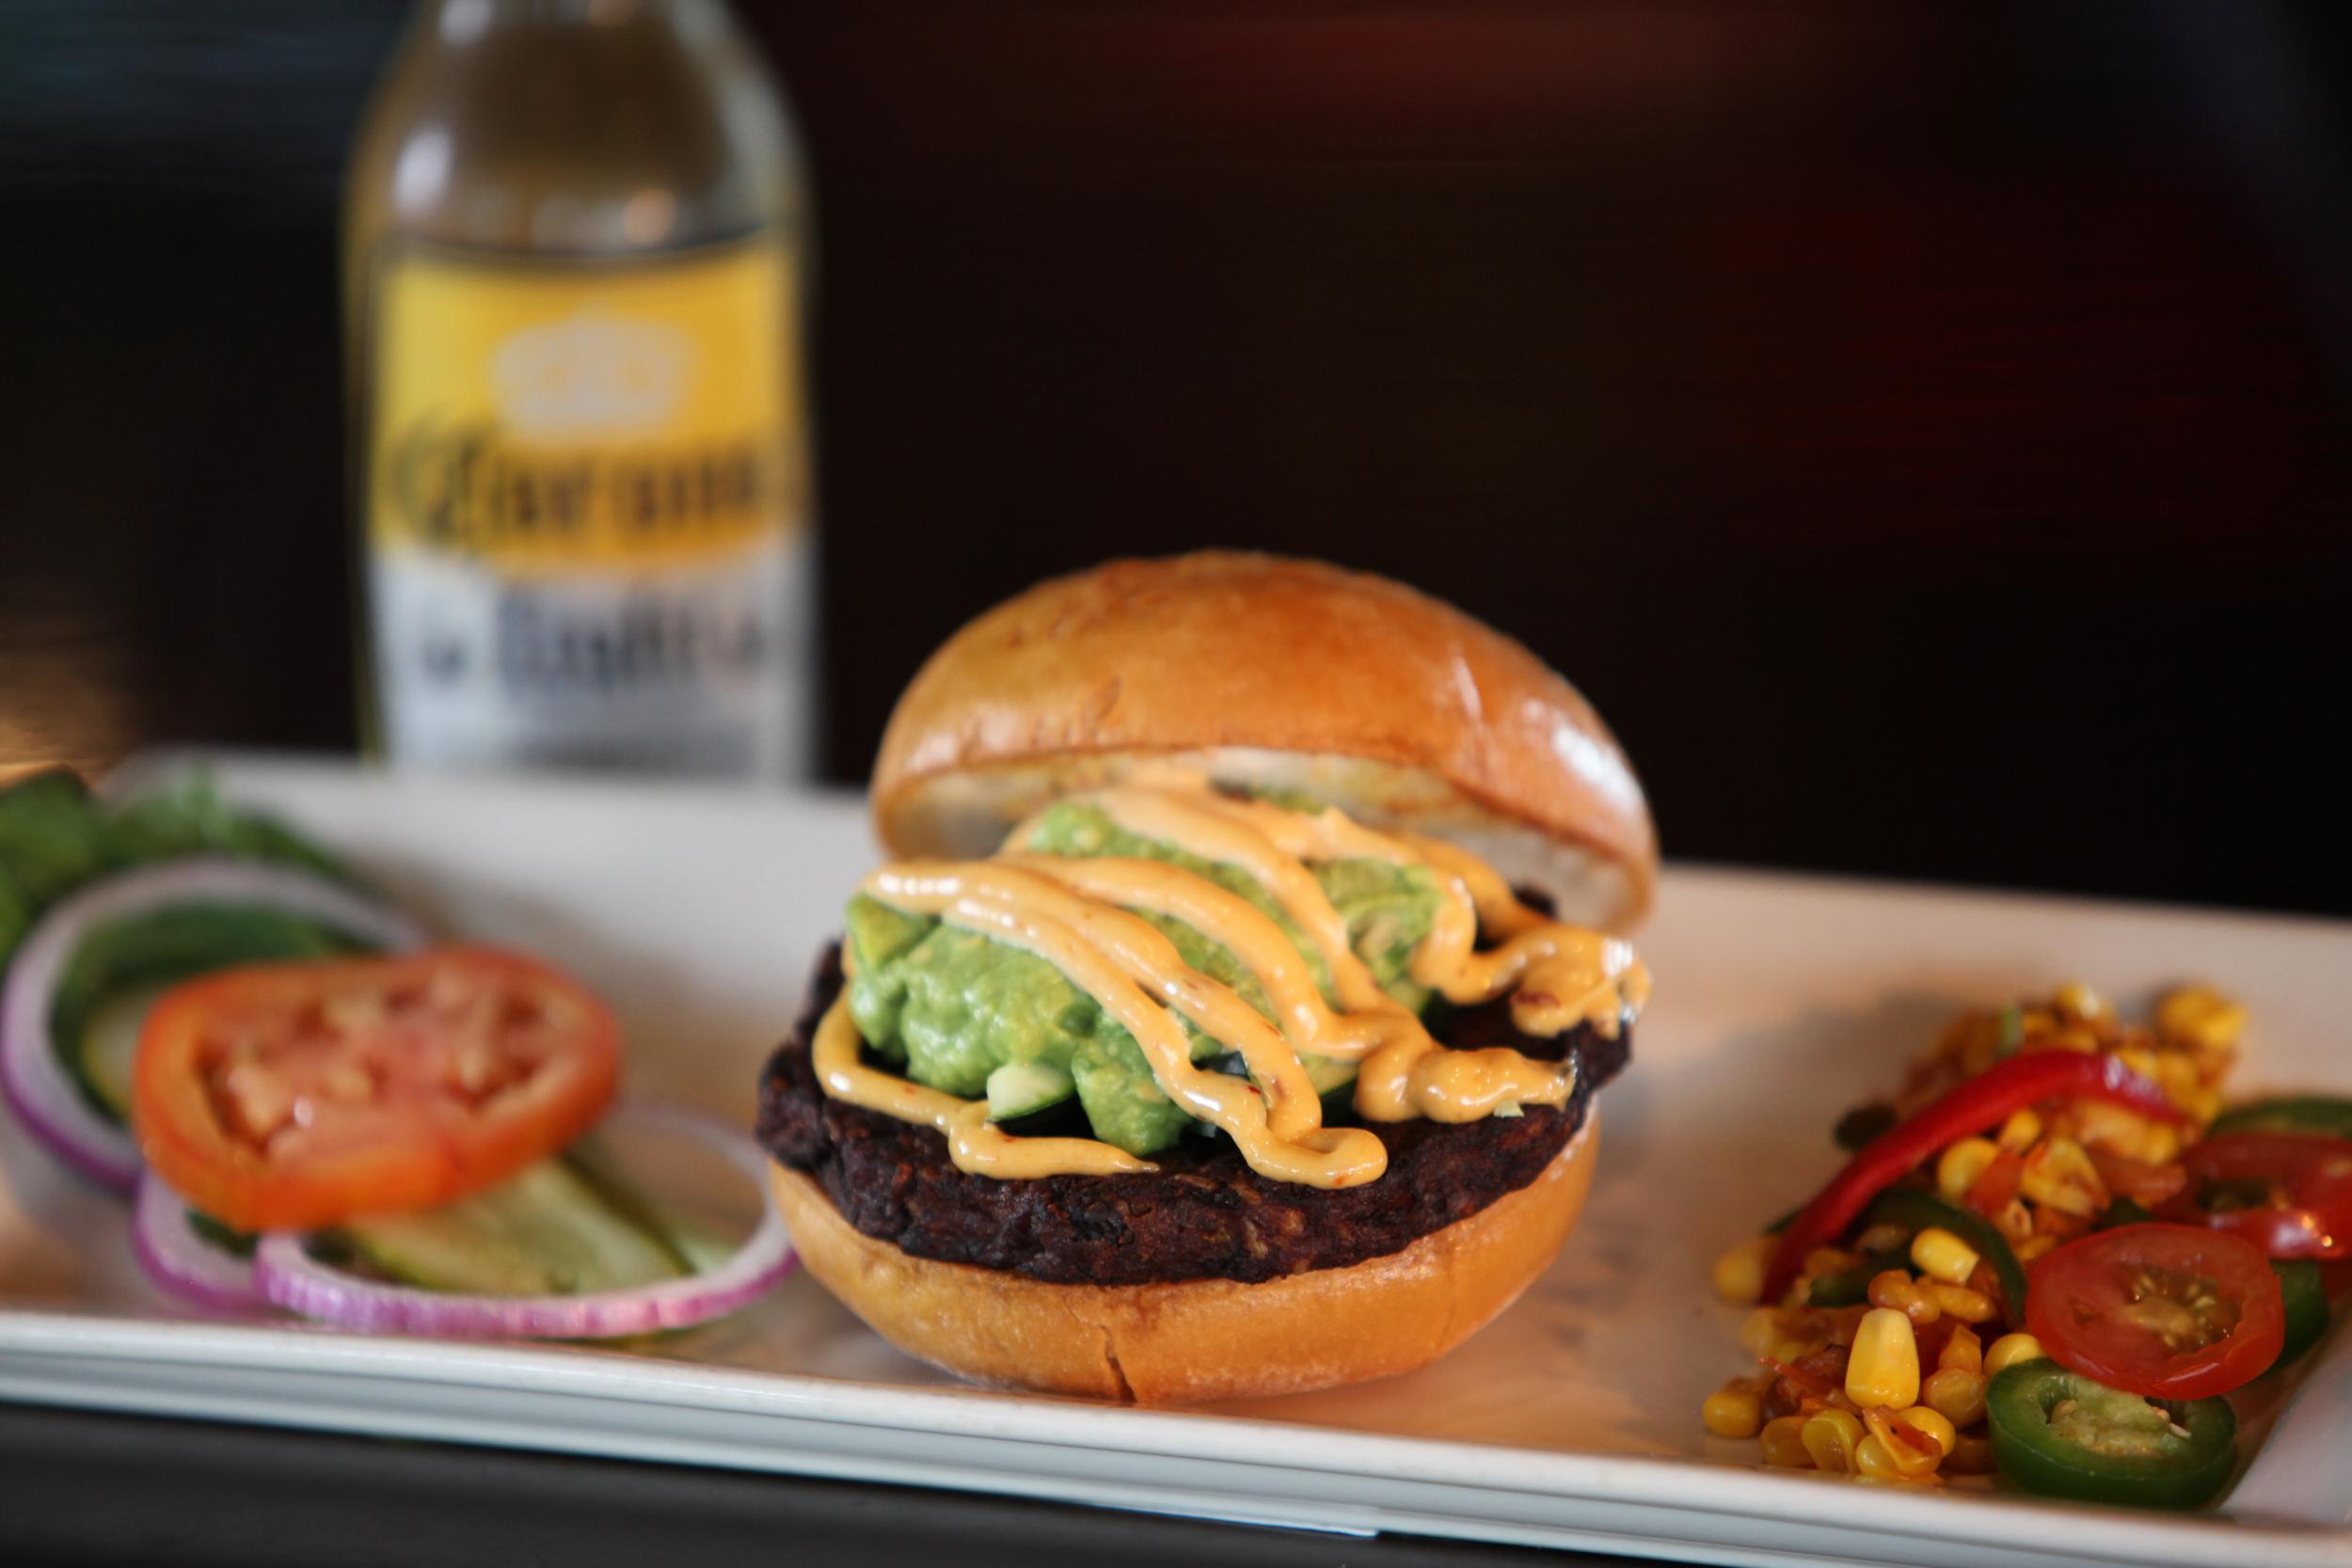 Best Burgers in West Des Moines